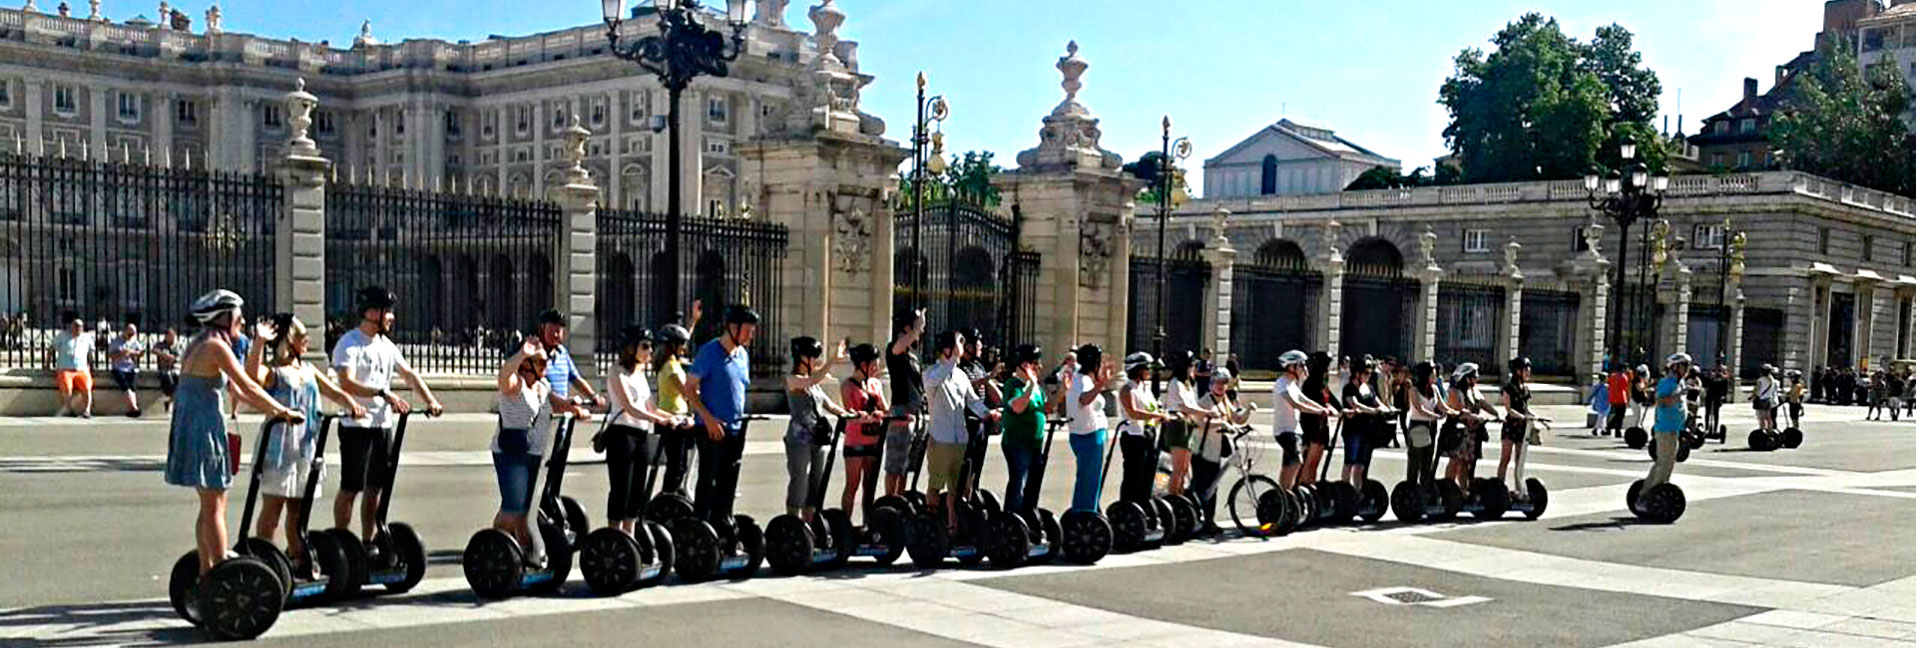 Rutas y Tours en Segway por Madrid